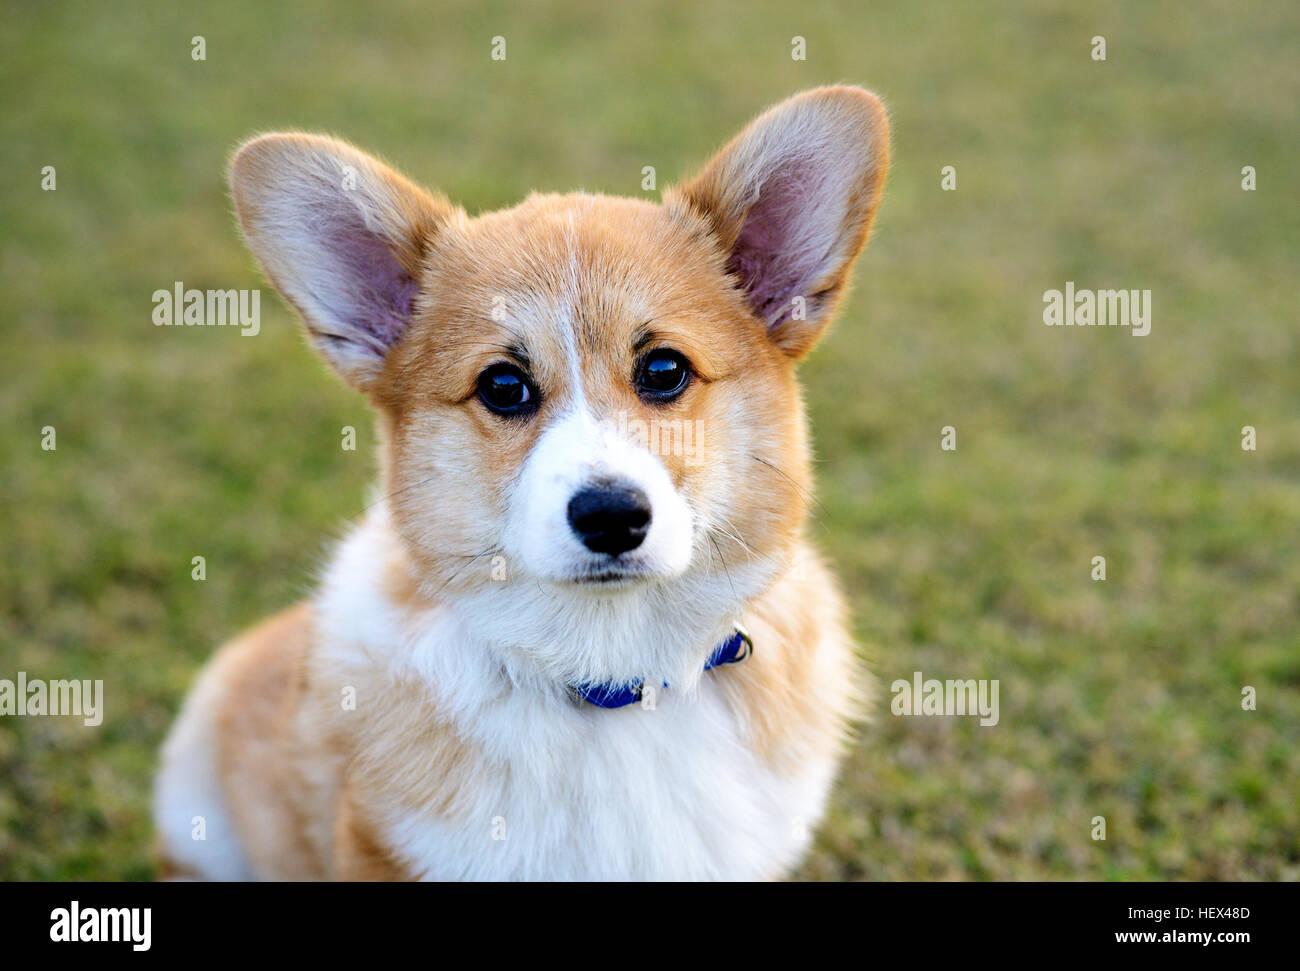 Welsh Corgi Pembroke dog sitting - Stock Image